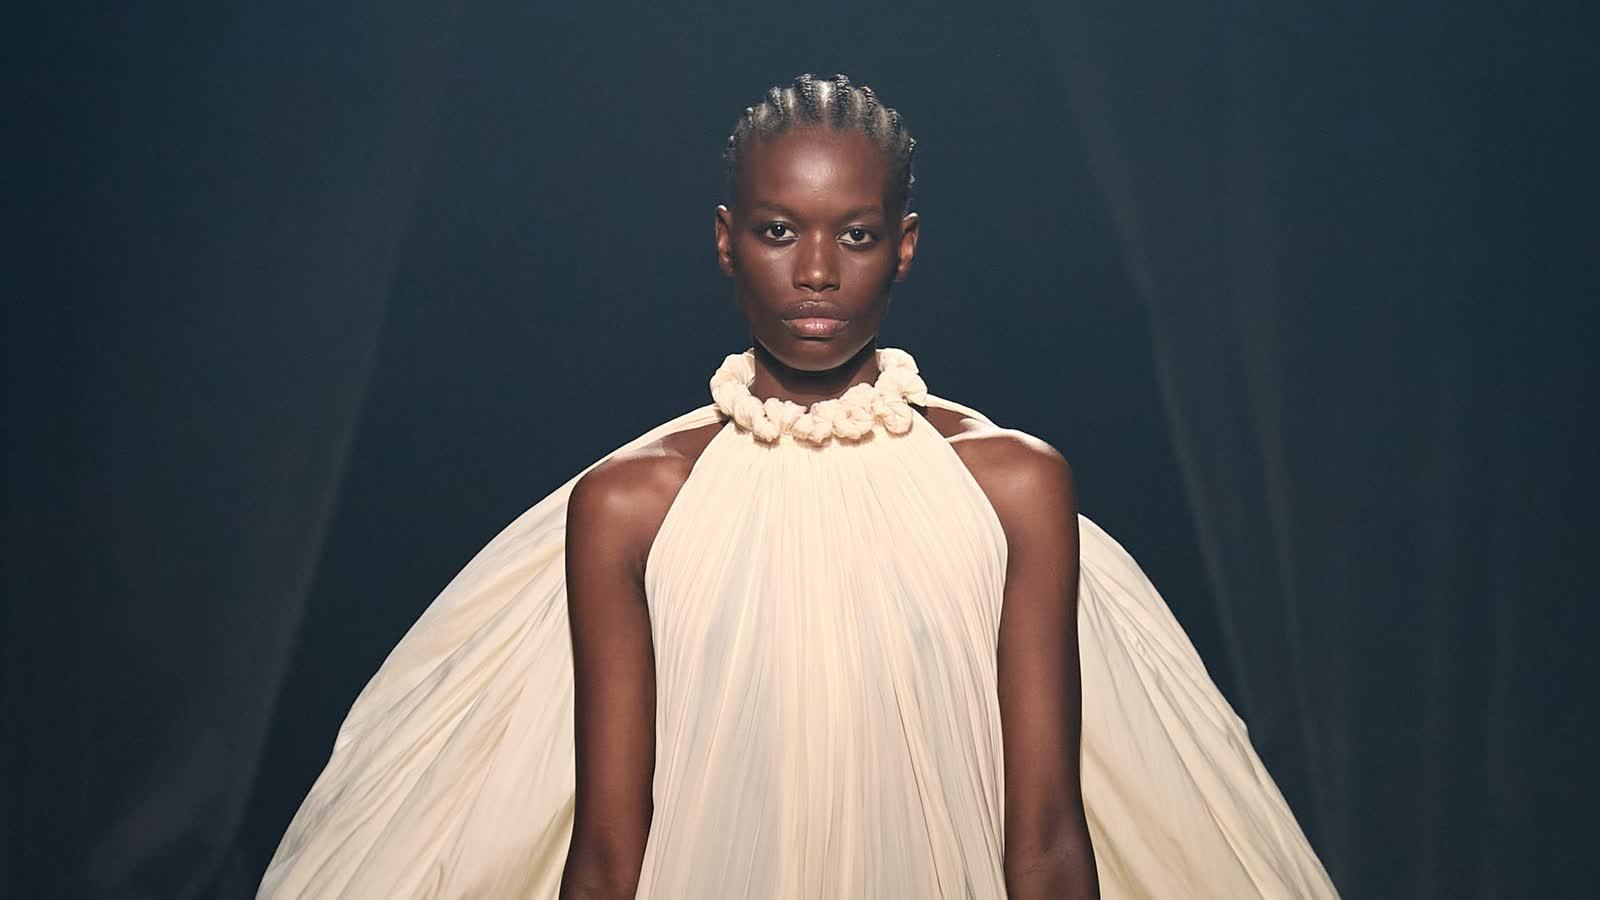 Hochzeitskleider: Diese 30 Runway-Looks sollte jede Braut-to-be gesehen haben